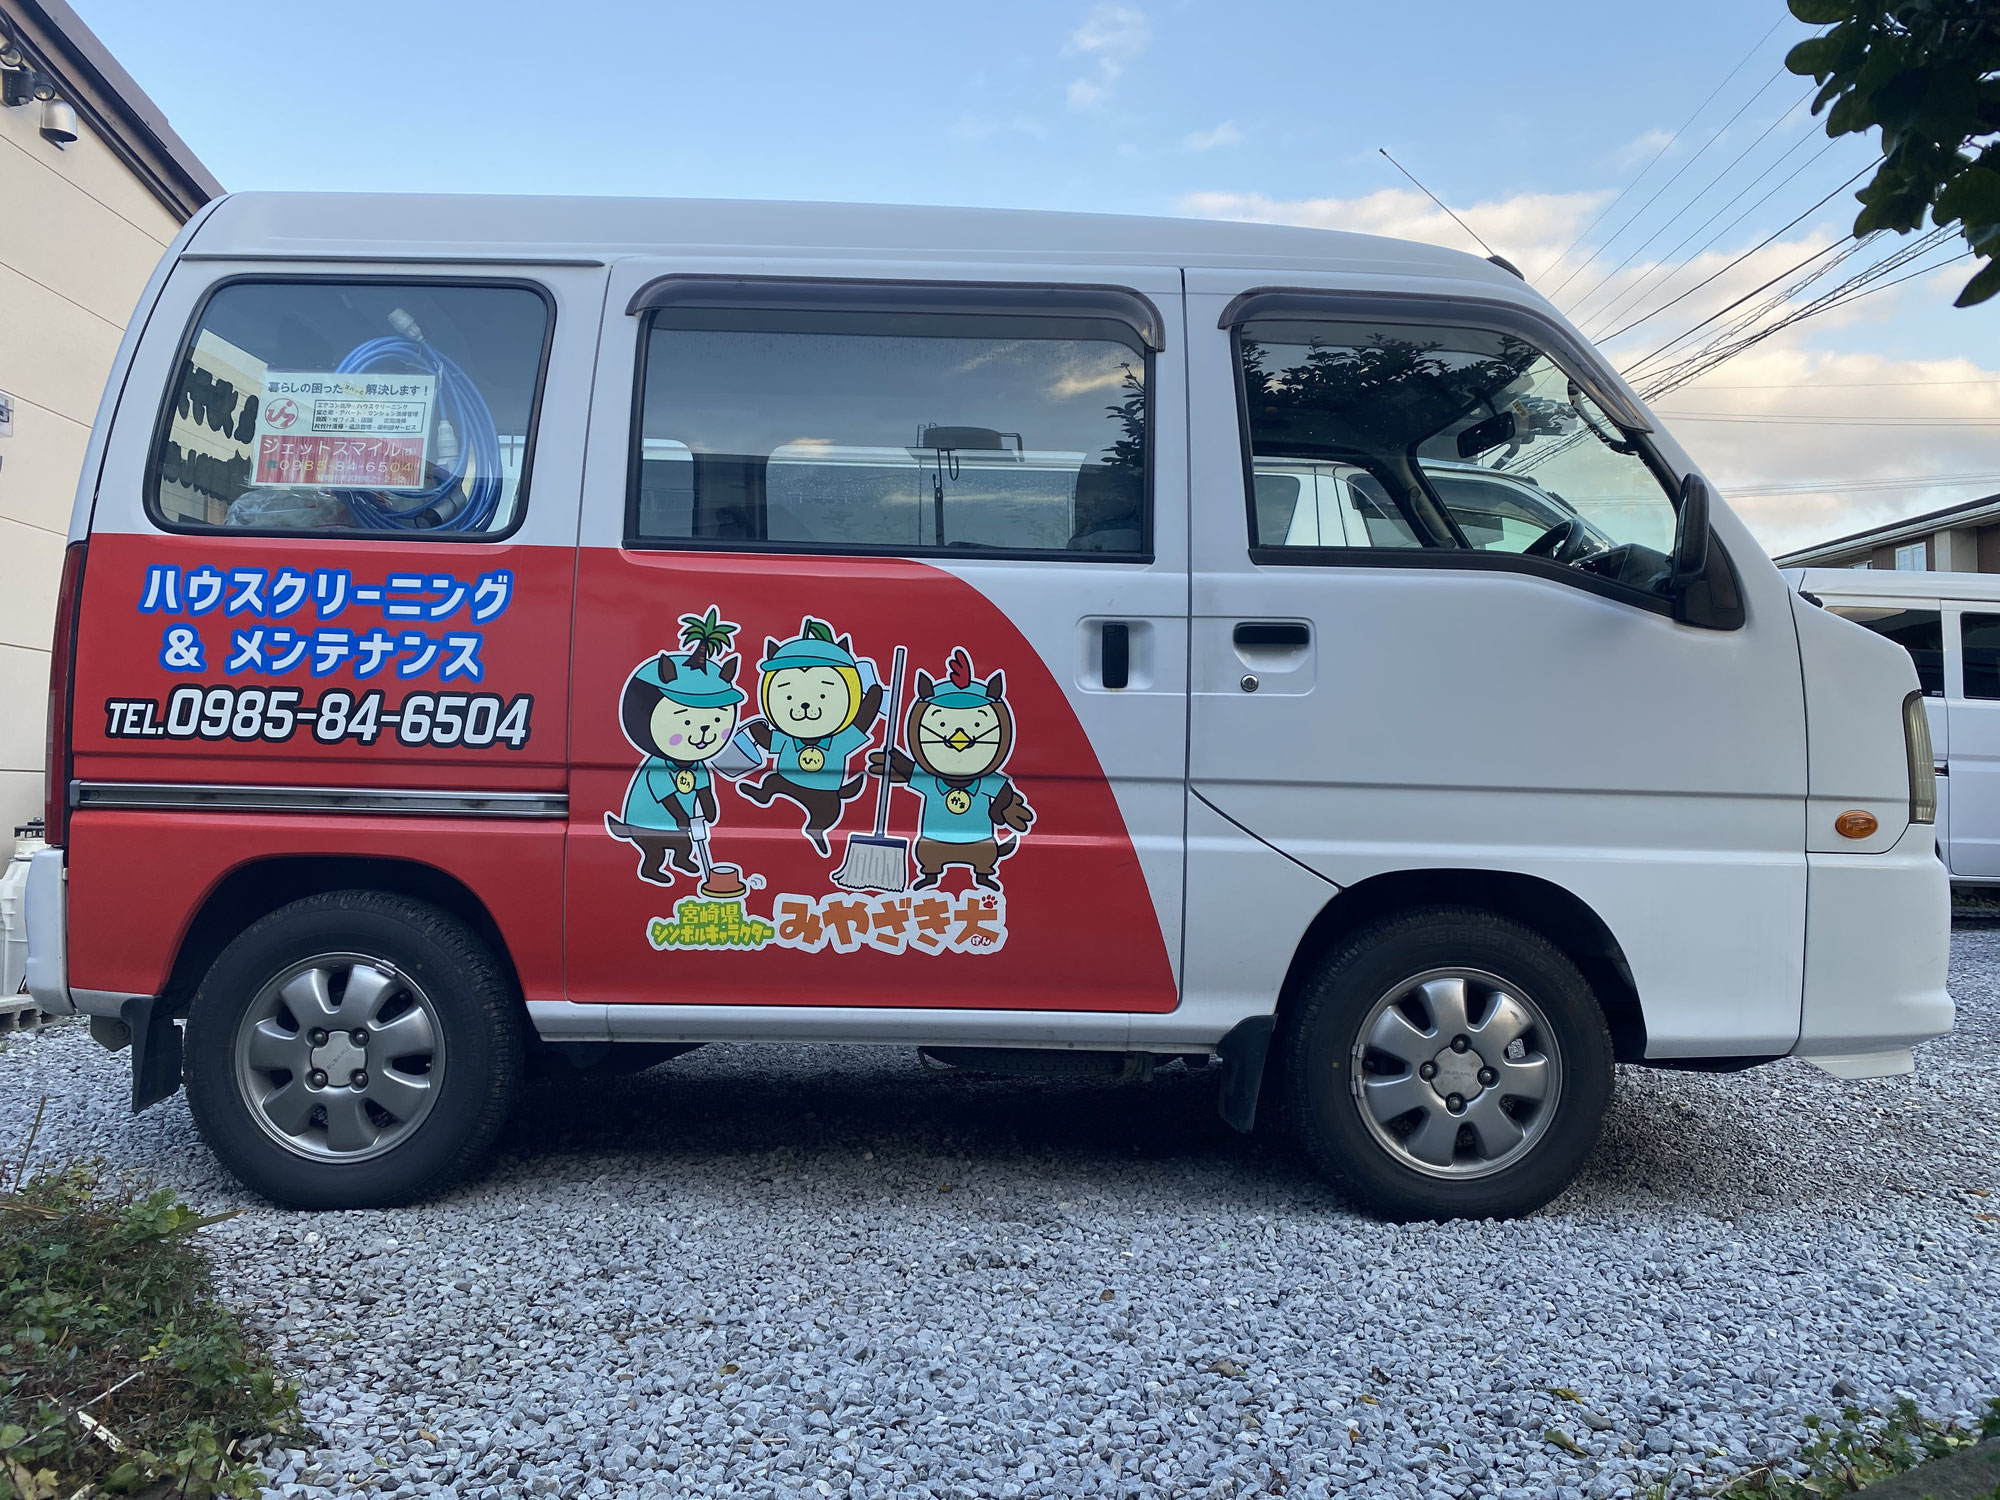 エアコンクリーニング 宮崎市